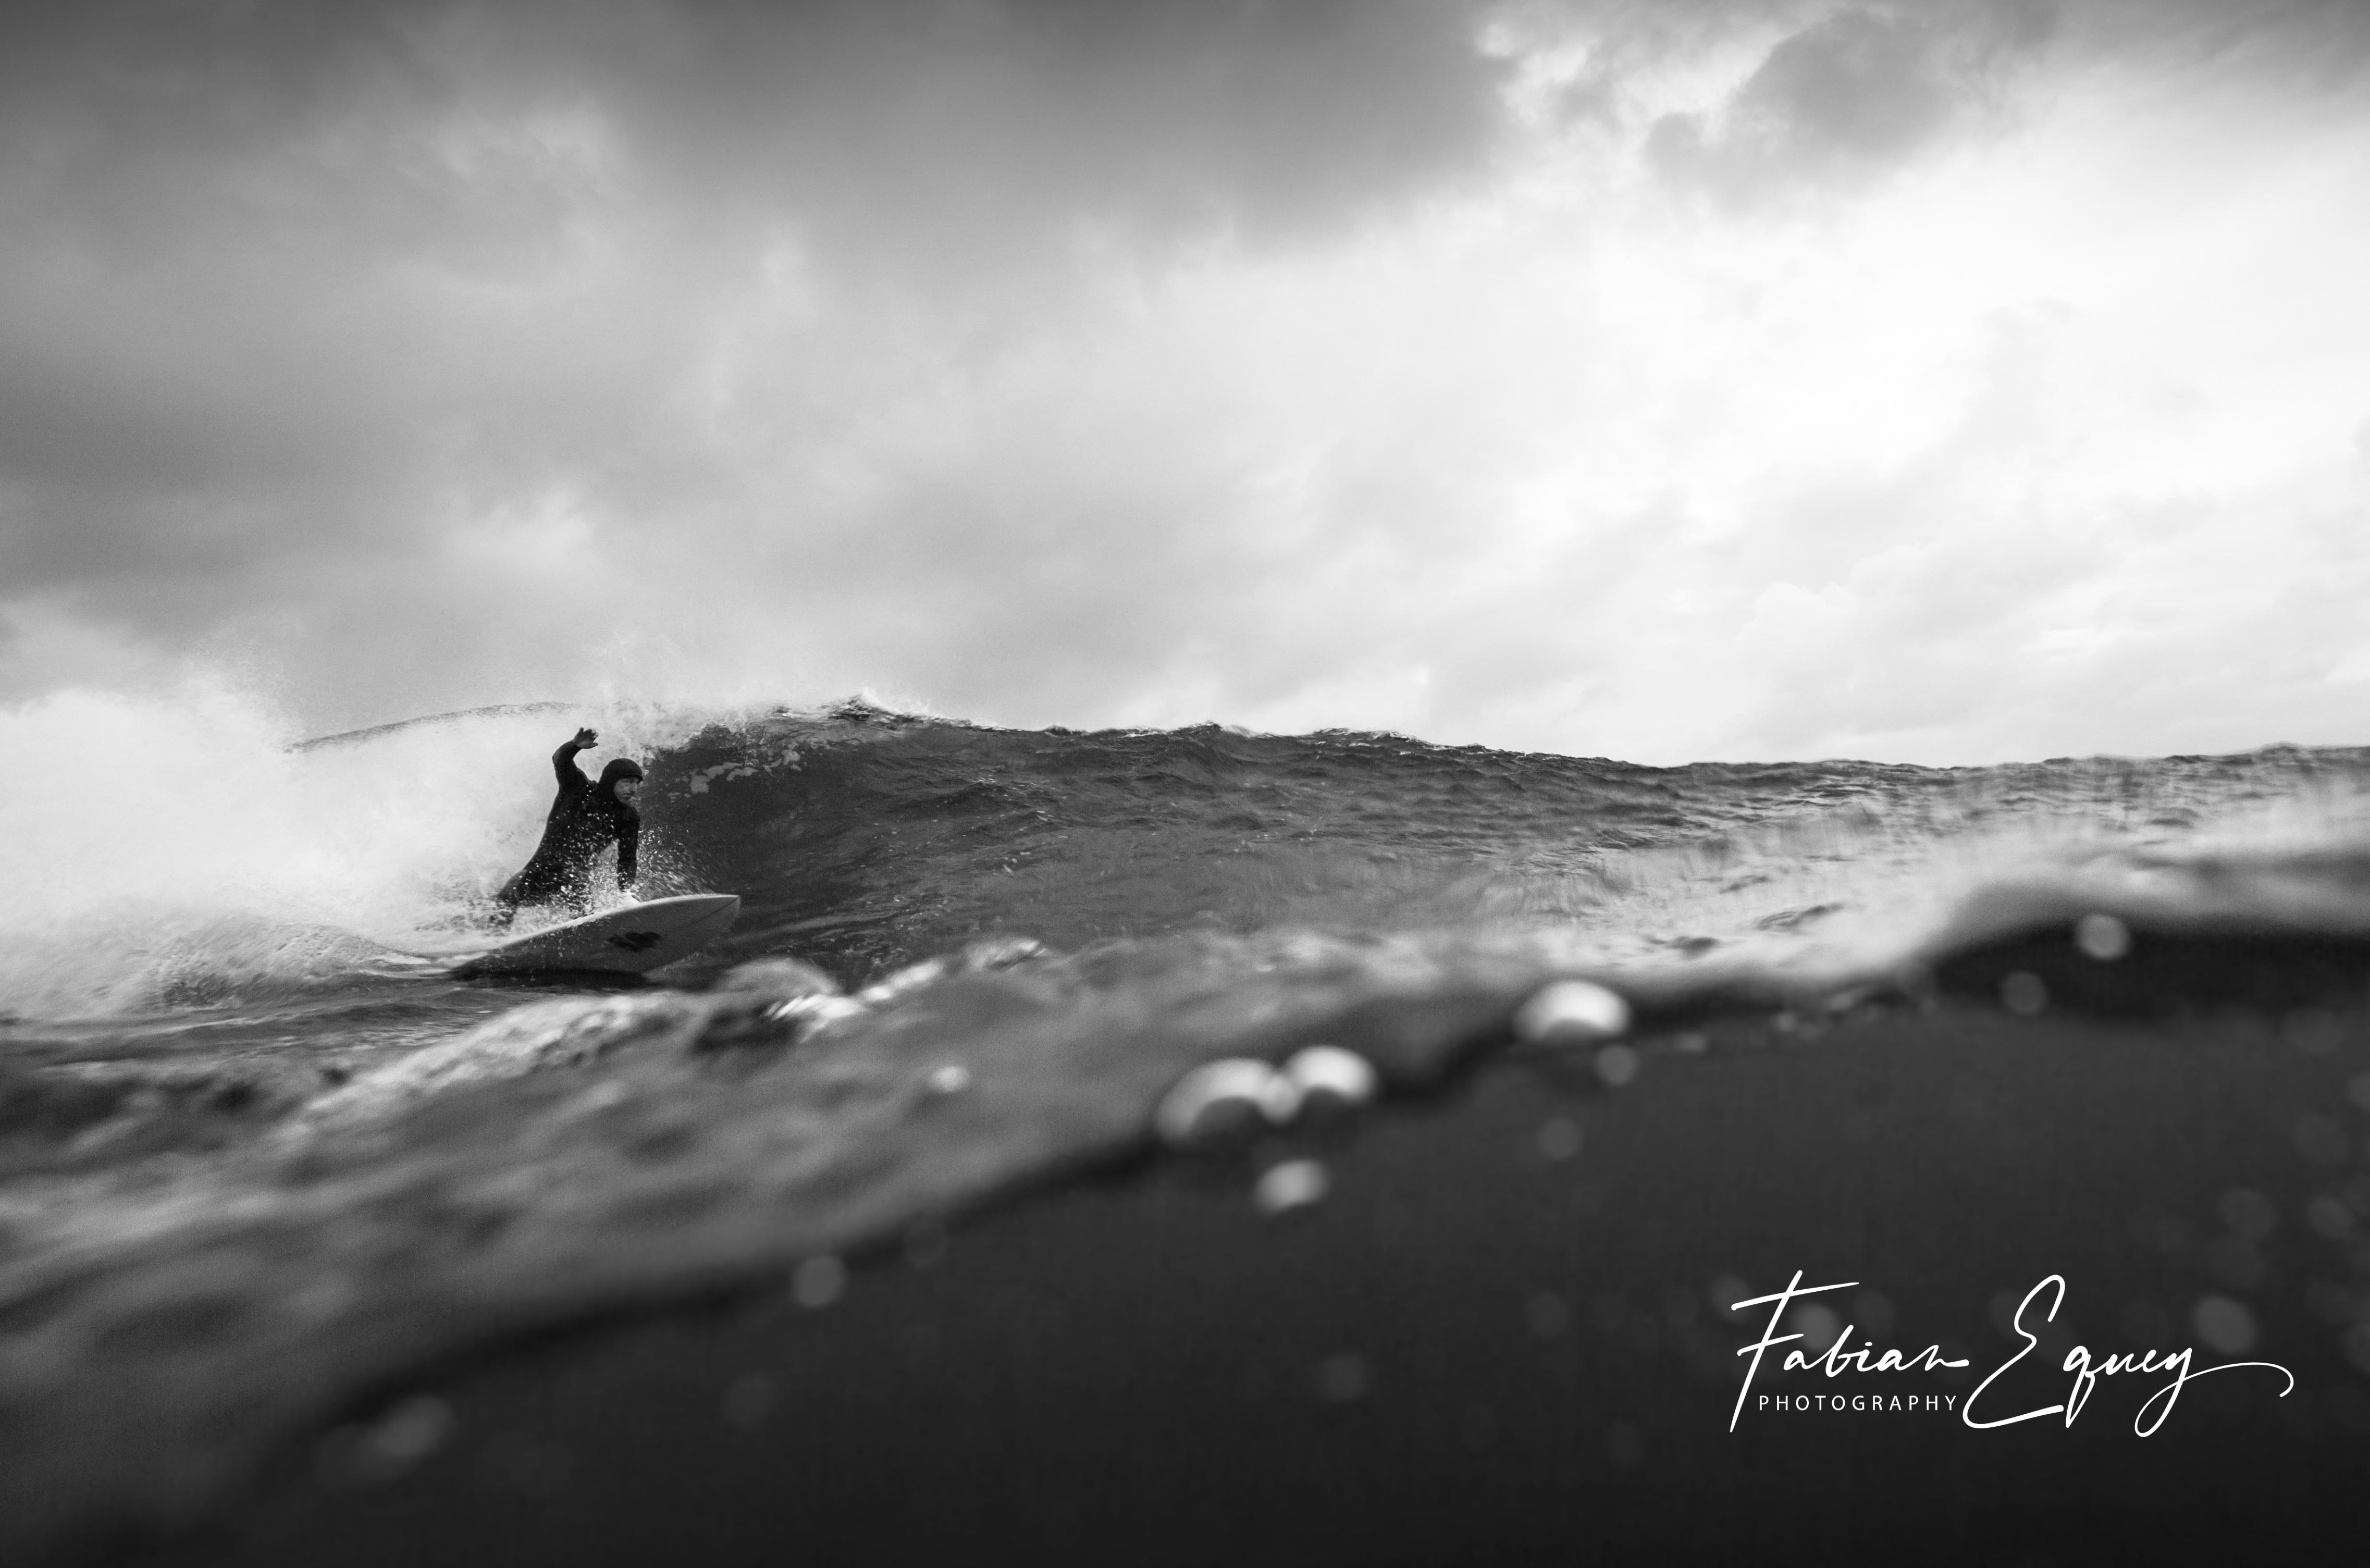 Unknown surfer. Scotland